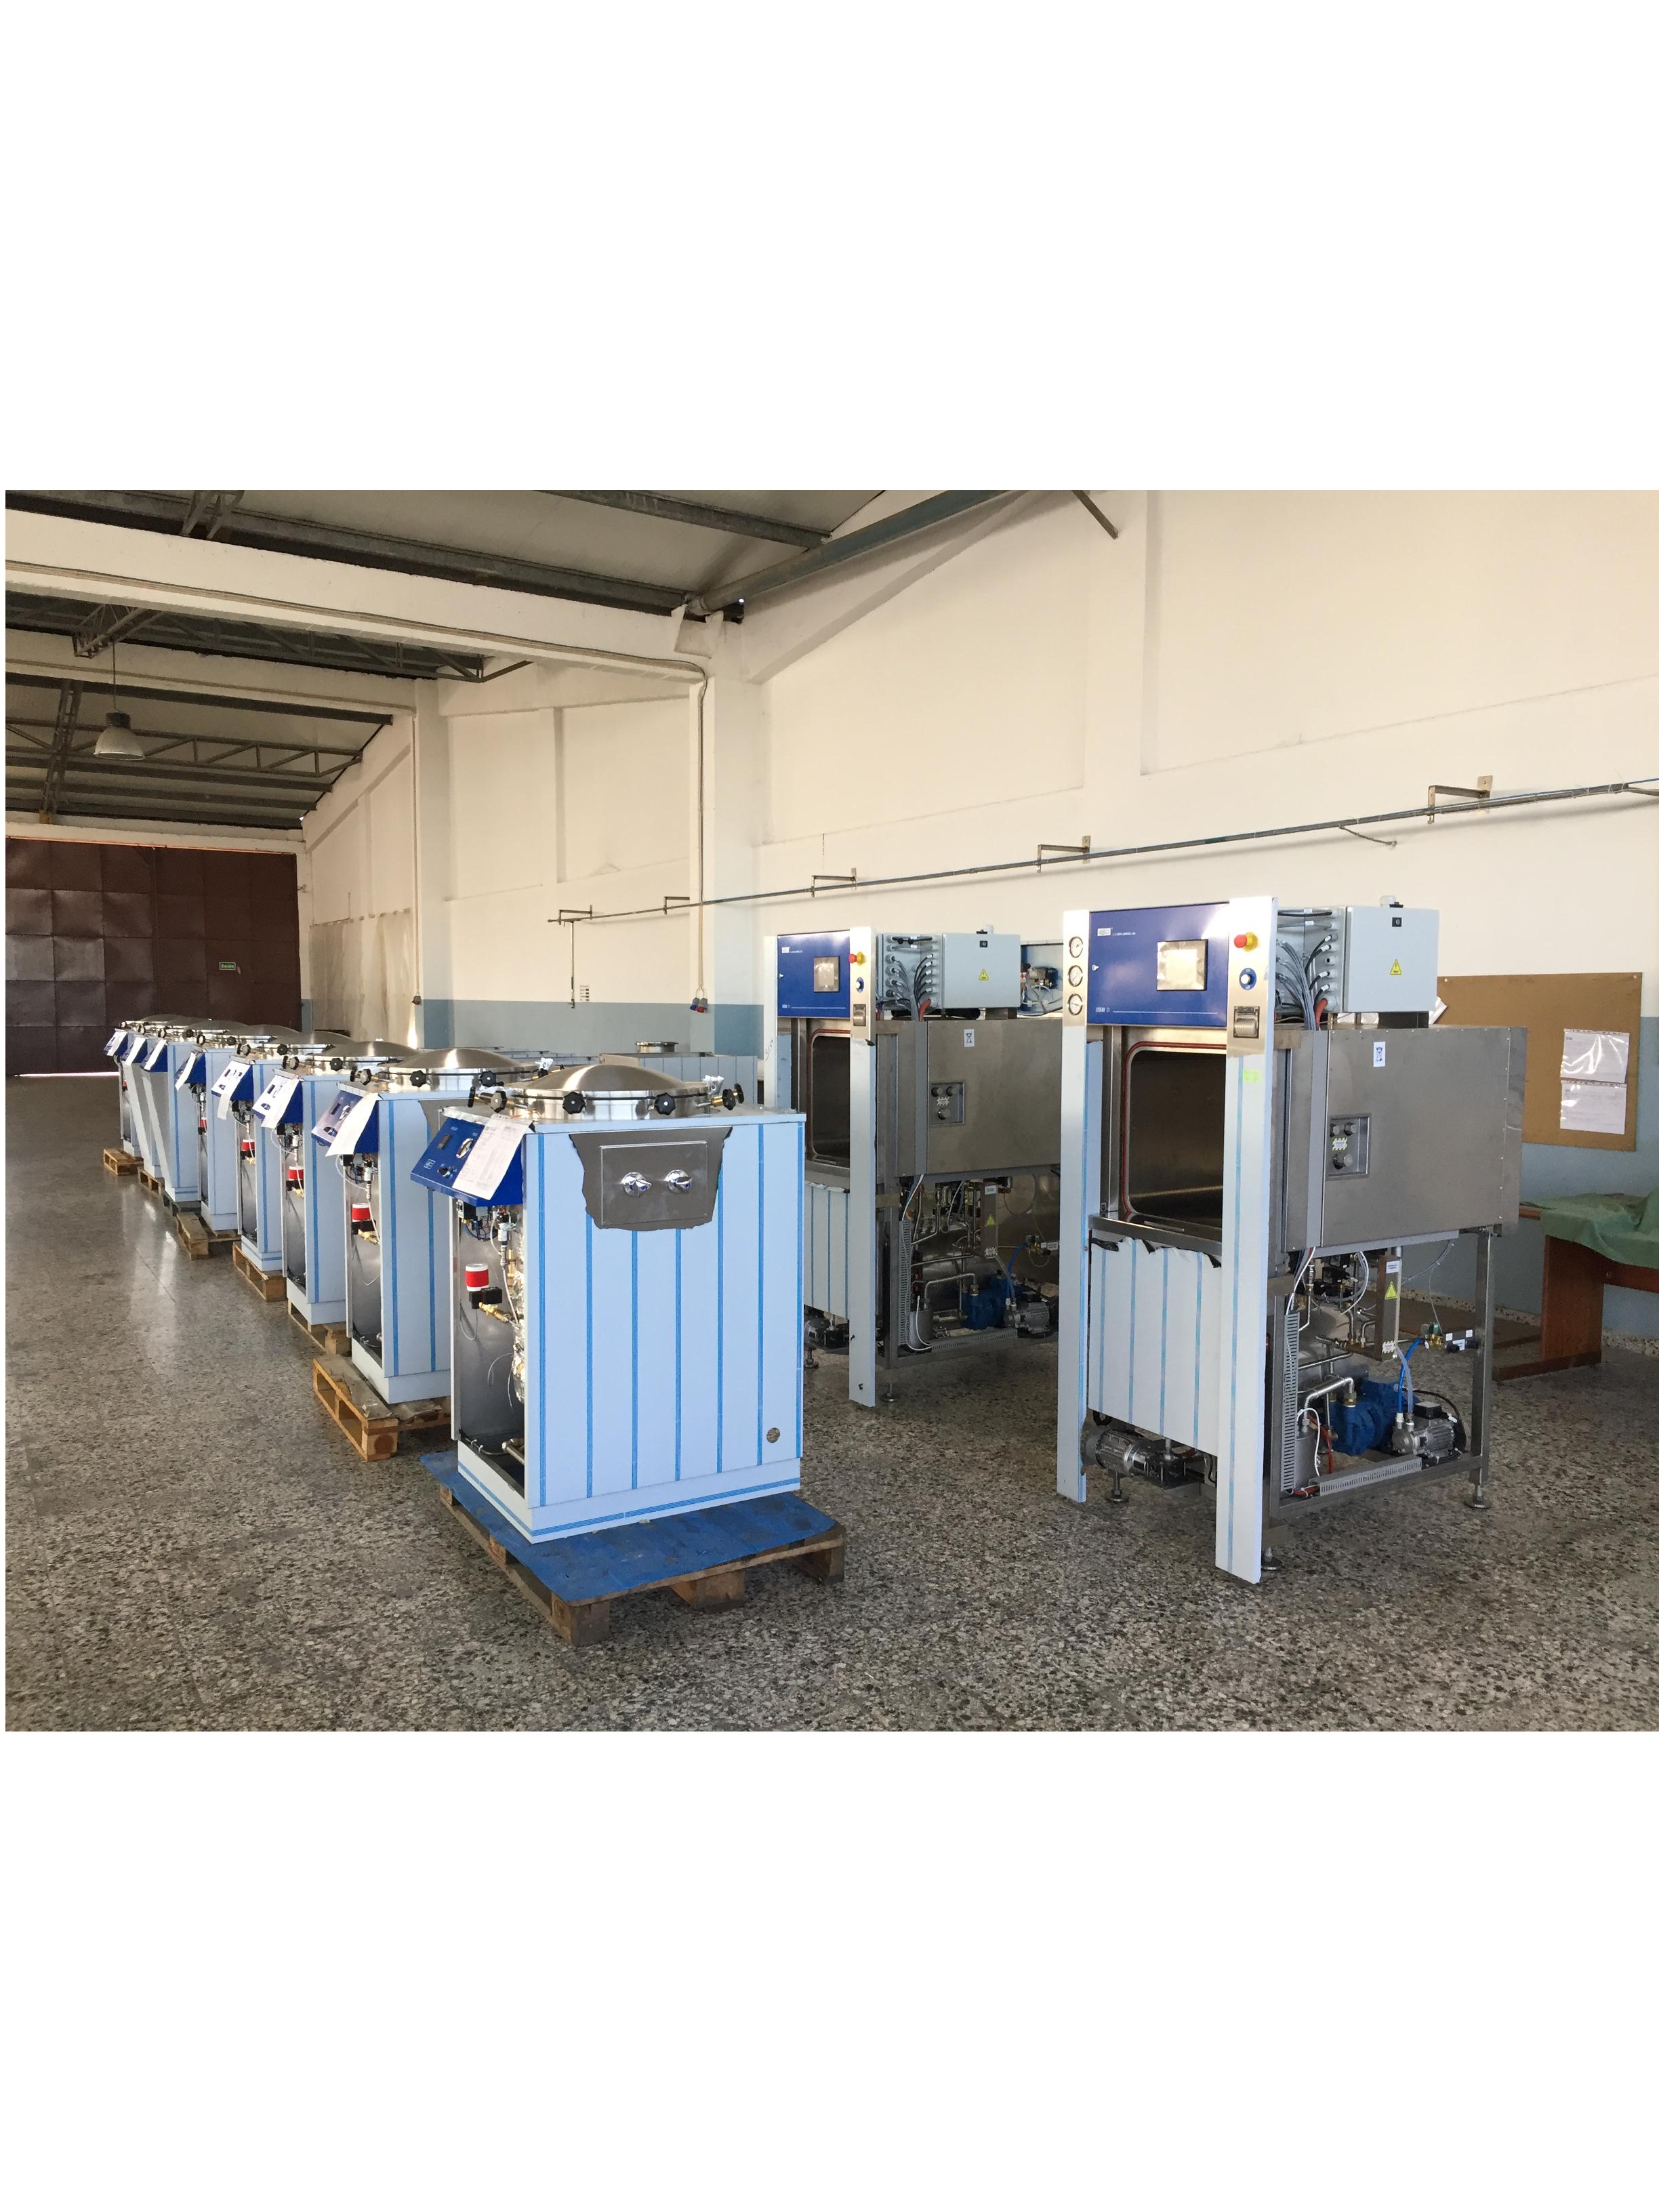 AJC - Steam sterilizers